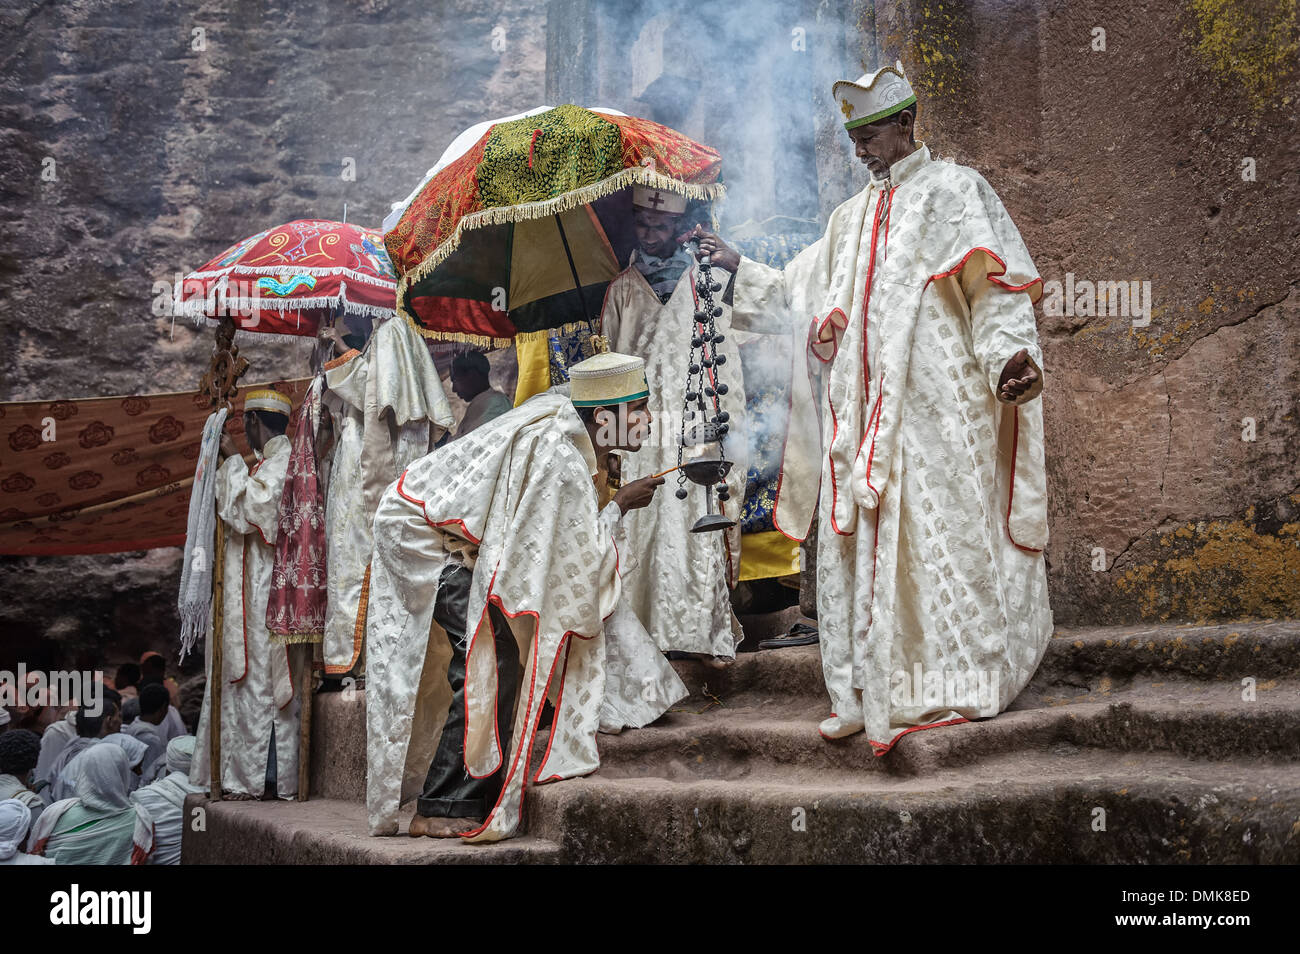 Group of priest celebrating Orthodox Easter, Lalibela, Ethiopia, Africa - Stock Image